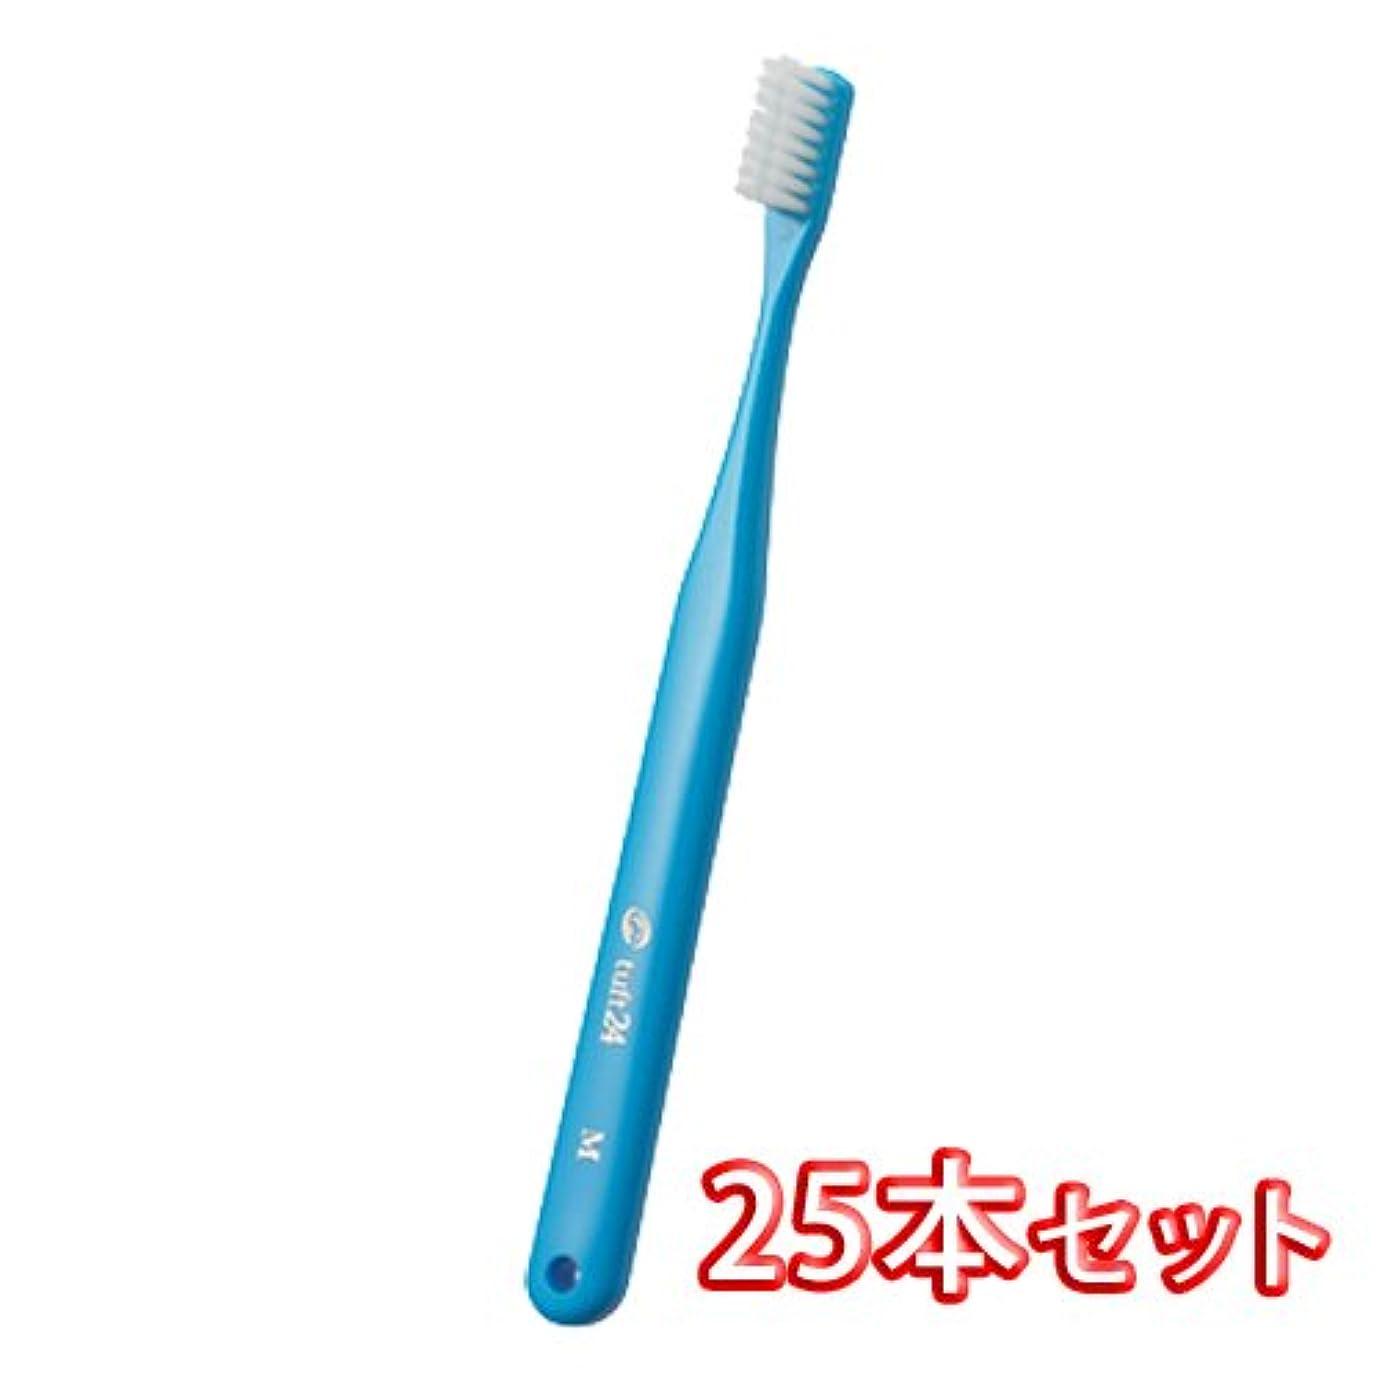 有料鋭く器用オーラルケア キャップ付き タフト 24 歯ブラシ 25本入 ミディアムソフト MS (ブルー)